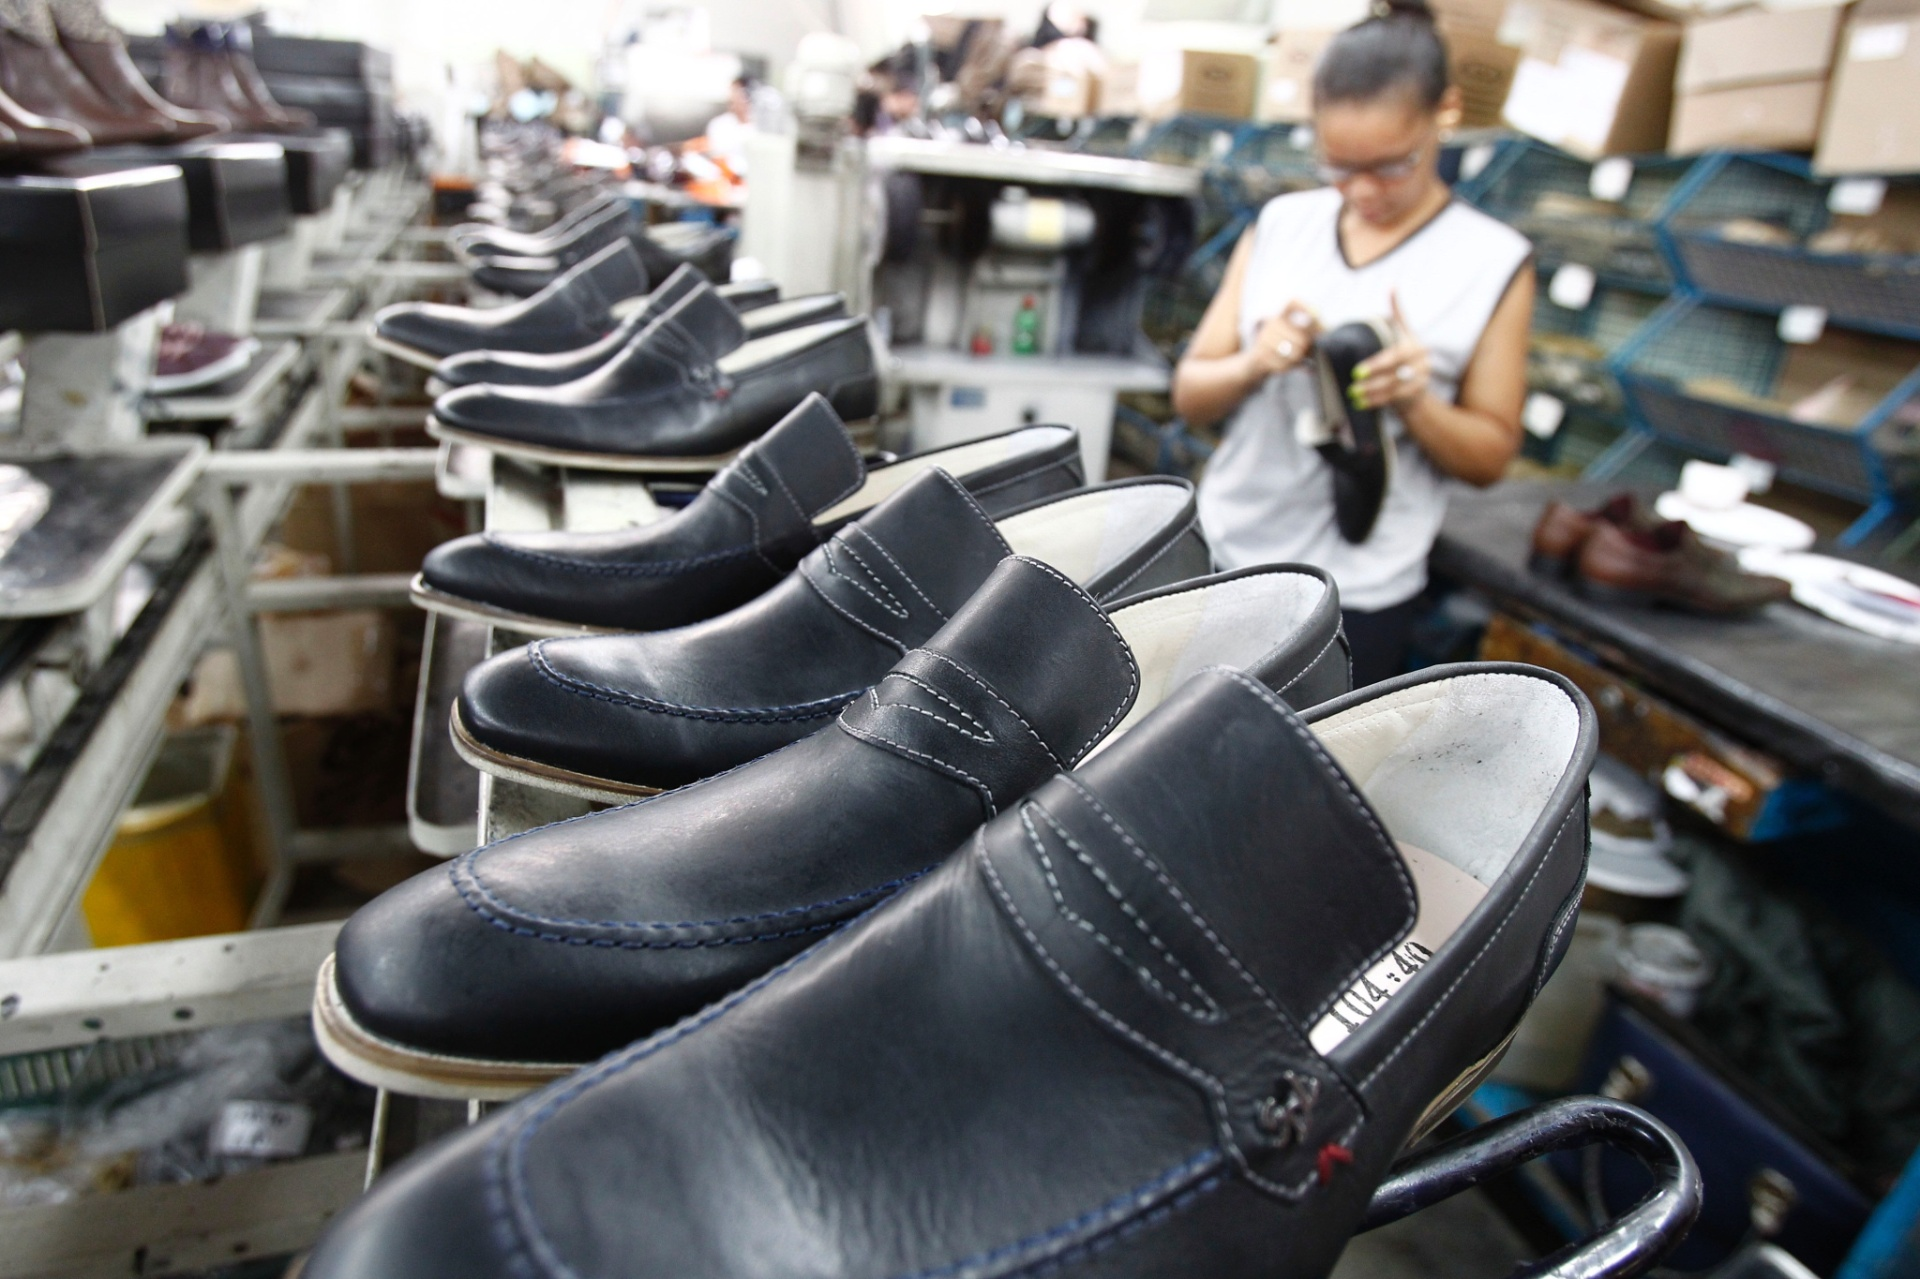 193509204 Fabricação de calçados encolhe 1,3% em 2018 - 01/02/2019 - UOL Economia